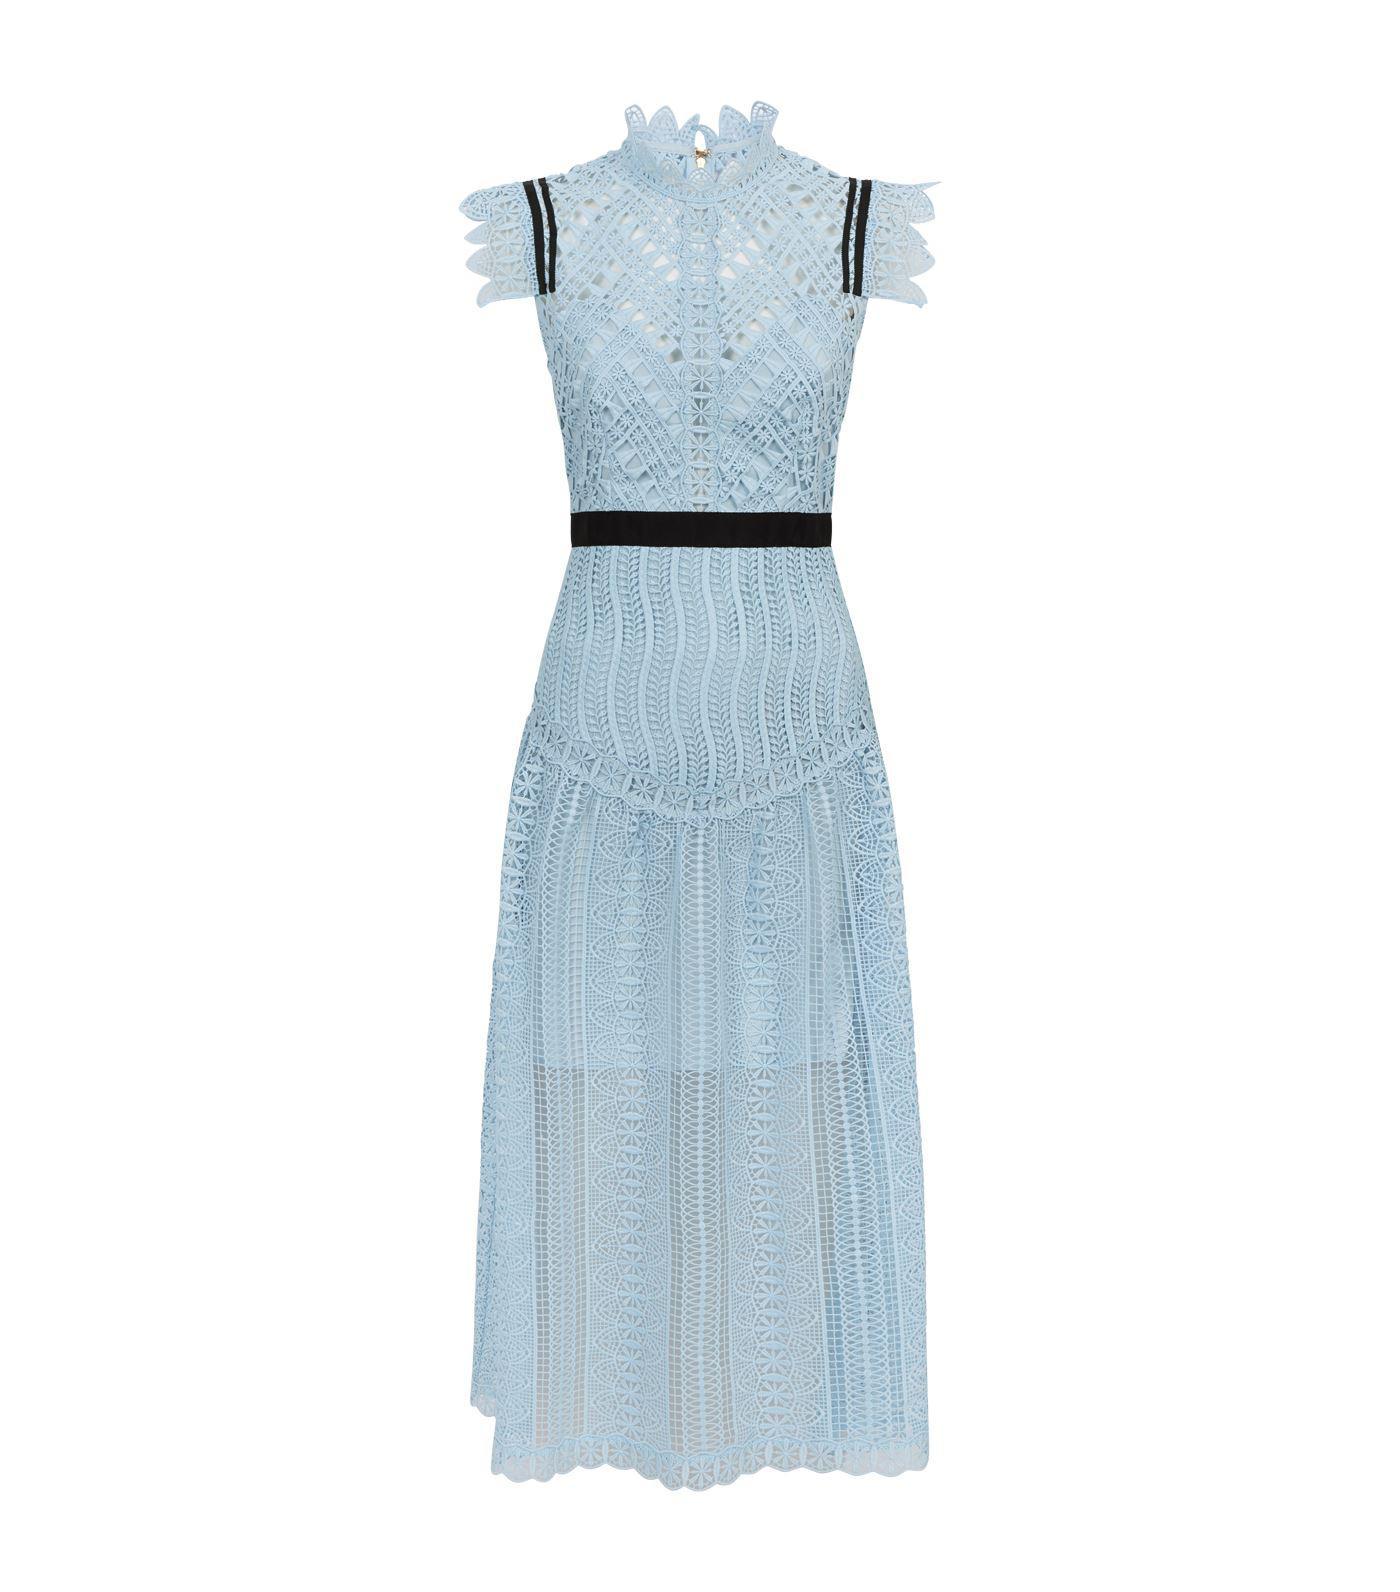 3aaa22b2eb00 Self-Portrait Triangle Lace Midi Dress in Blue - Lyst